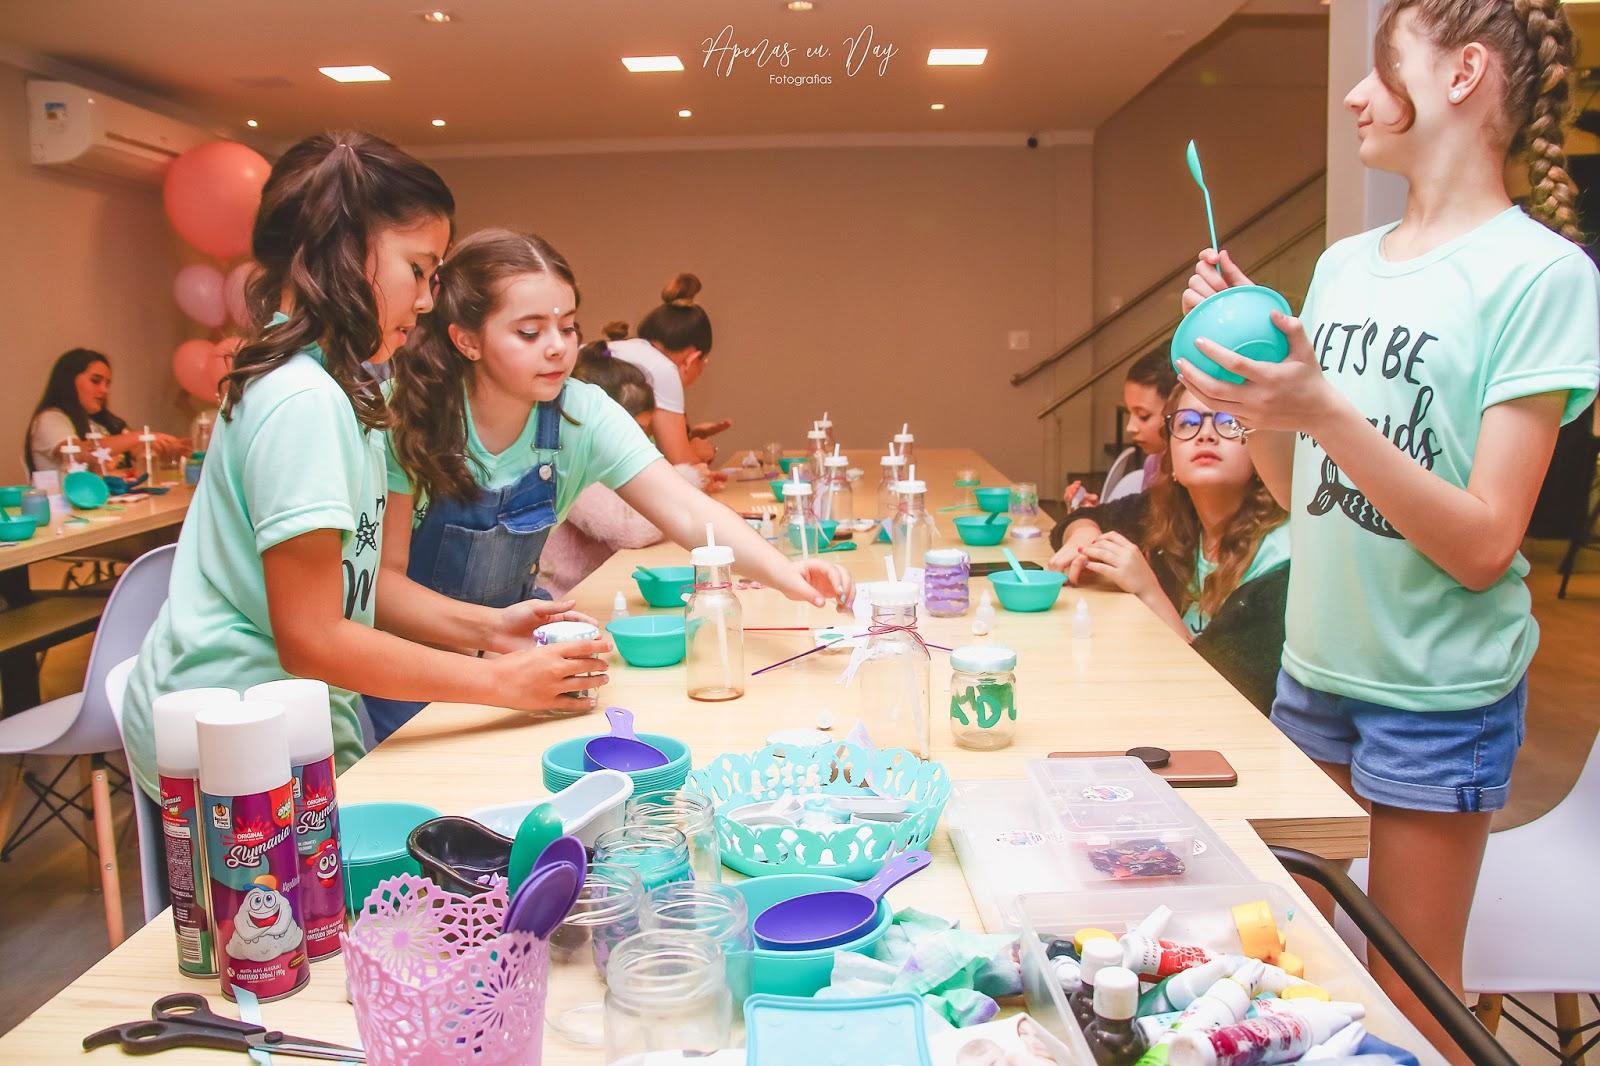 Festa Infantil 11 anos - Decoração e tema Sereia | Apenas eu, Day Fotografias, fotógrafa em Curitiba, Paraná